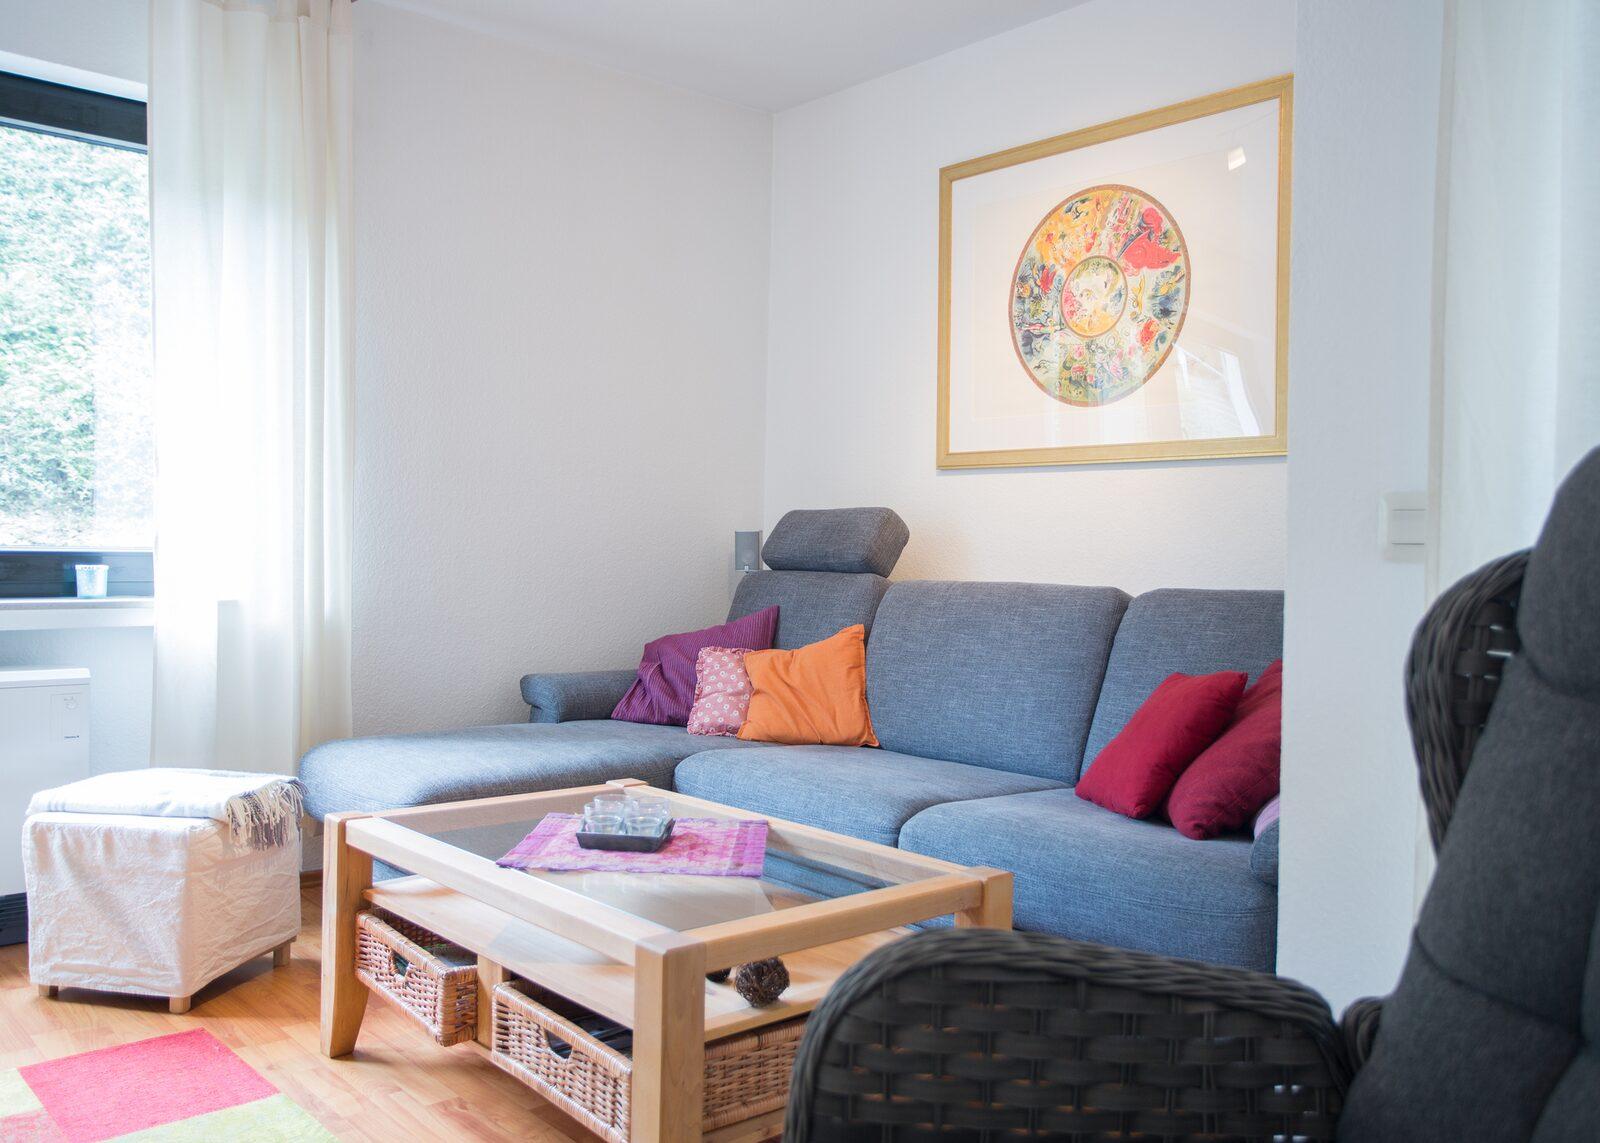 Appartement - Am Bergelchen 5-H | Niedersfeld